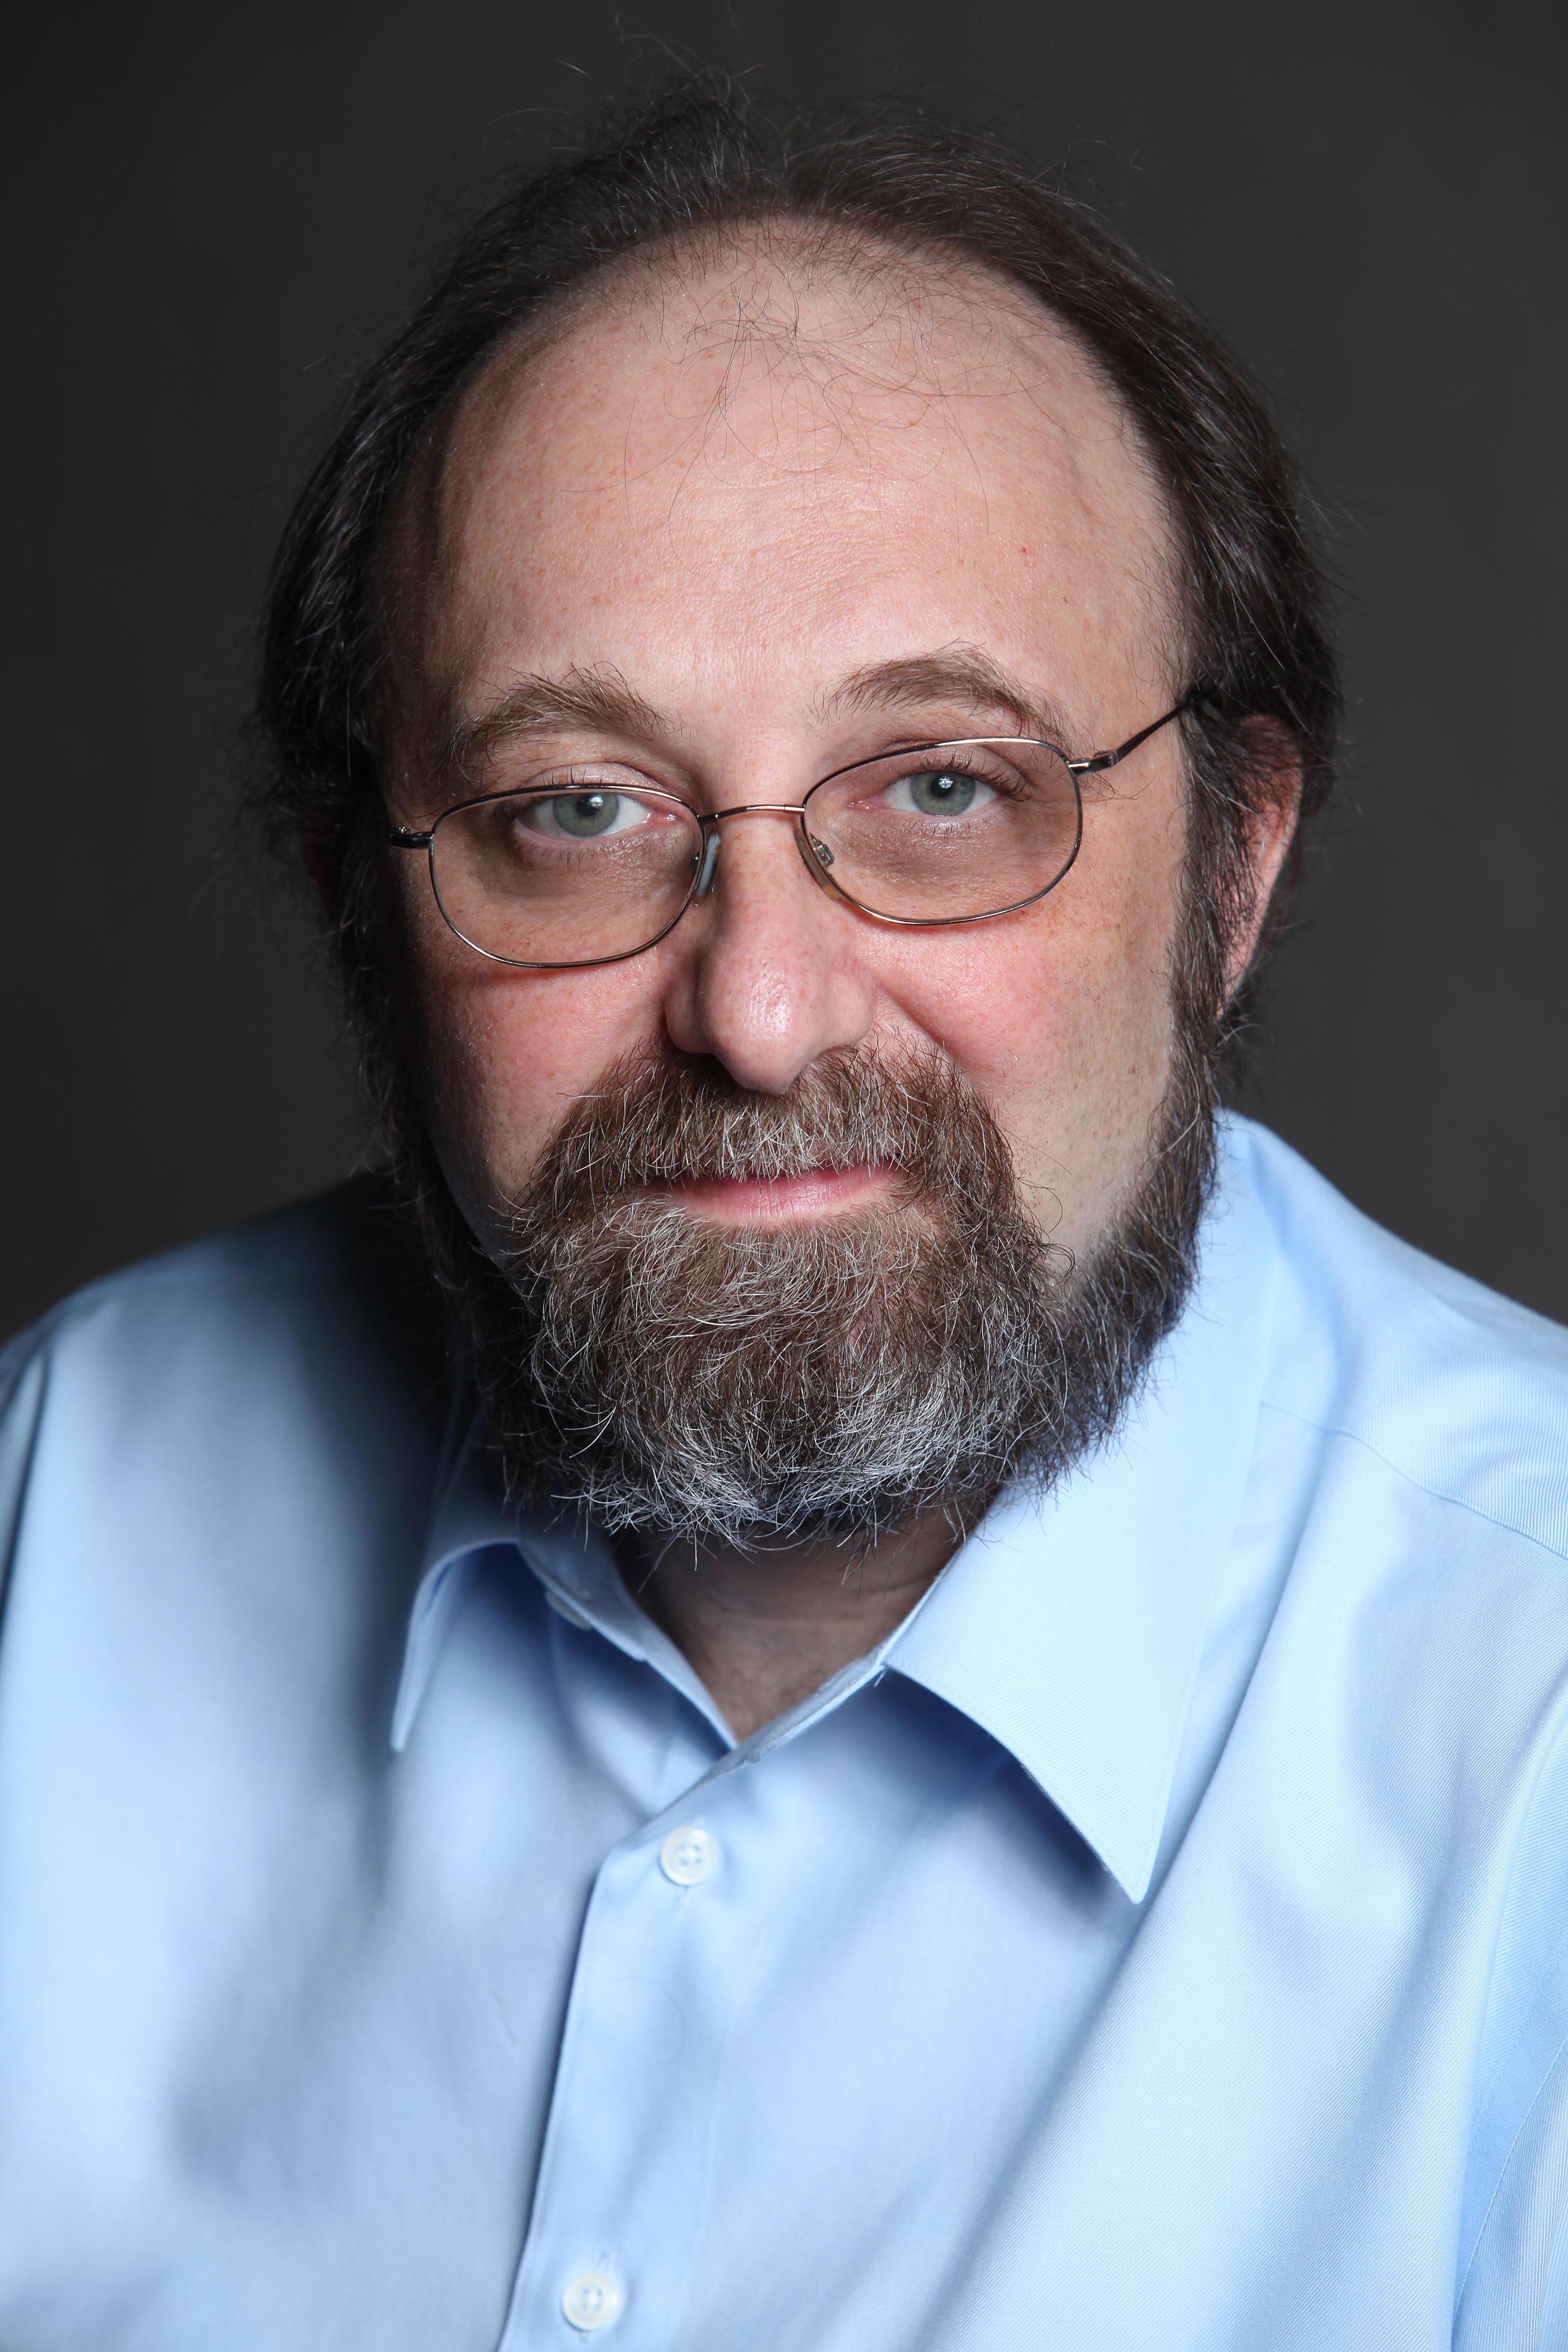 O neurocientista Miguel Nicolelis, professor da Universidade de Duke